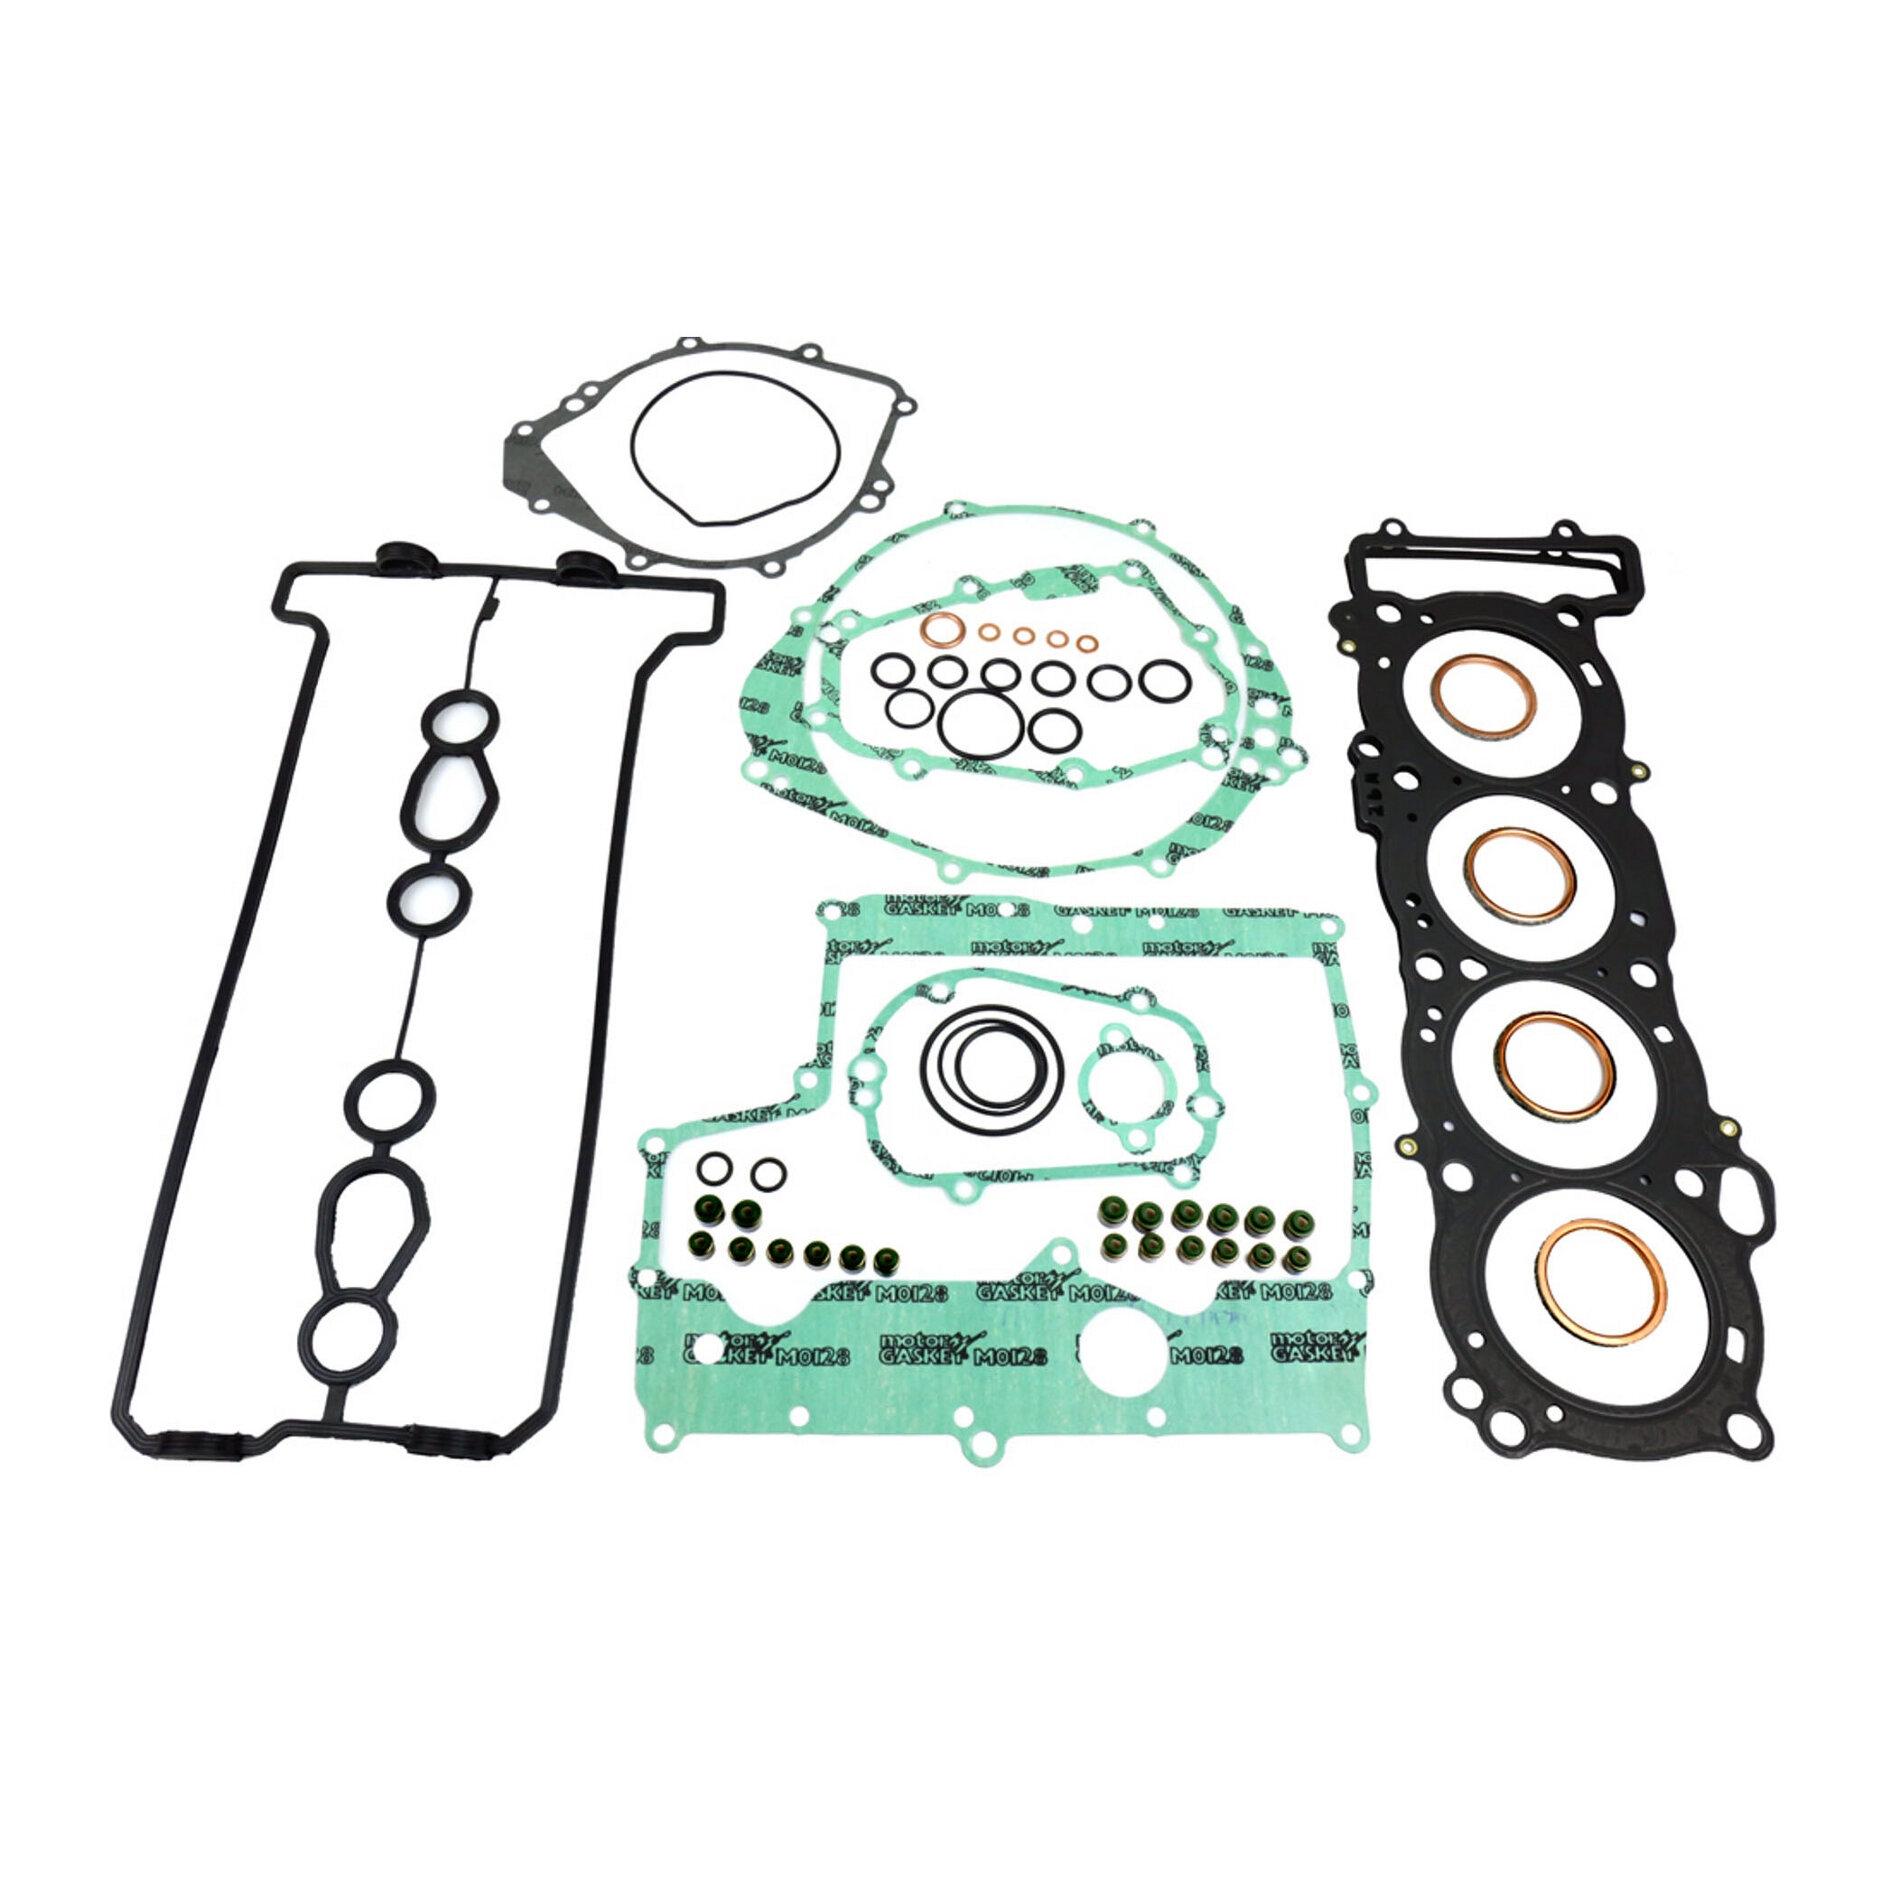 Kit joints moteur complet Athena pour Yamaha YZF R-1 1000 02-03